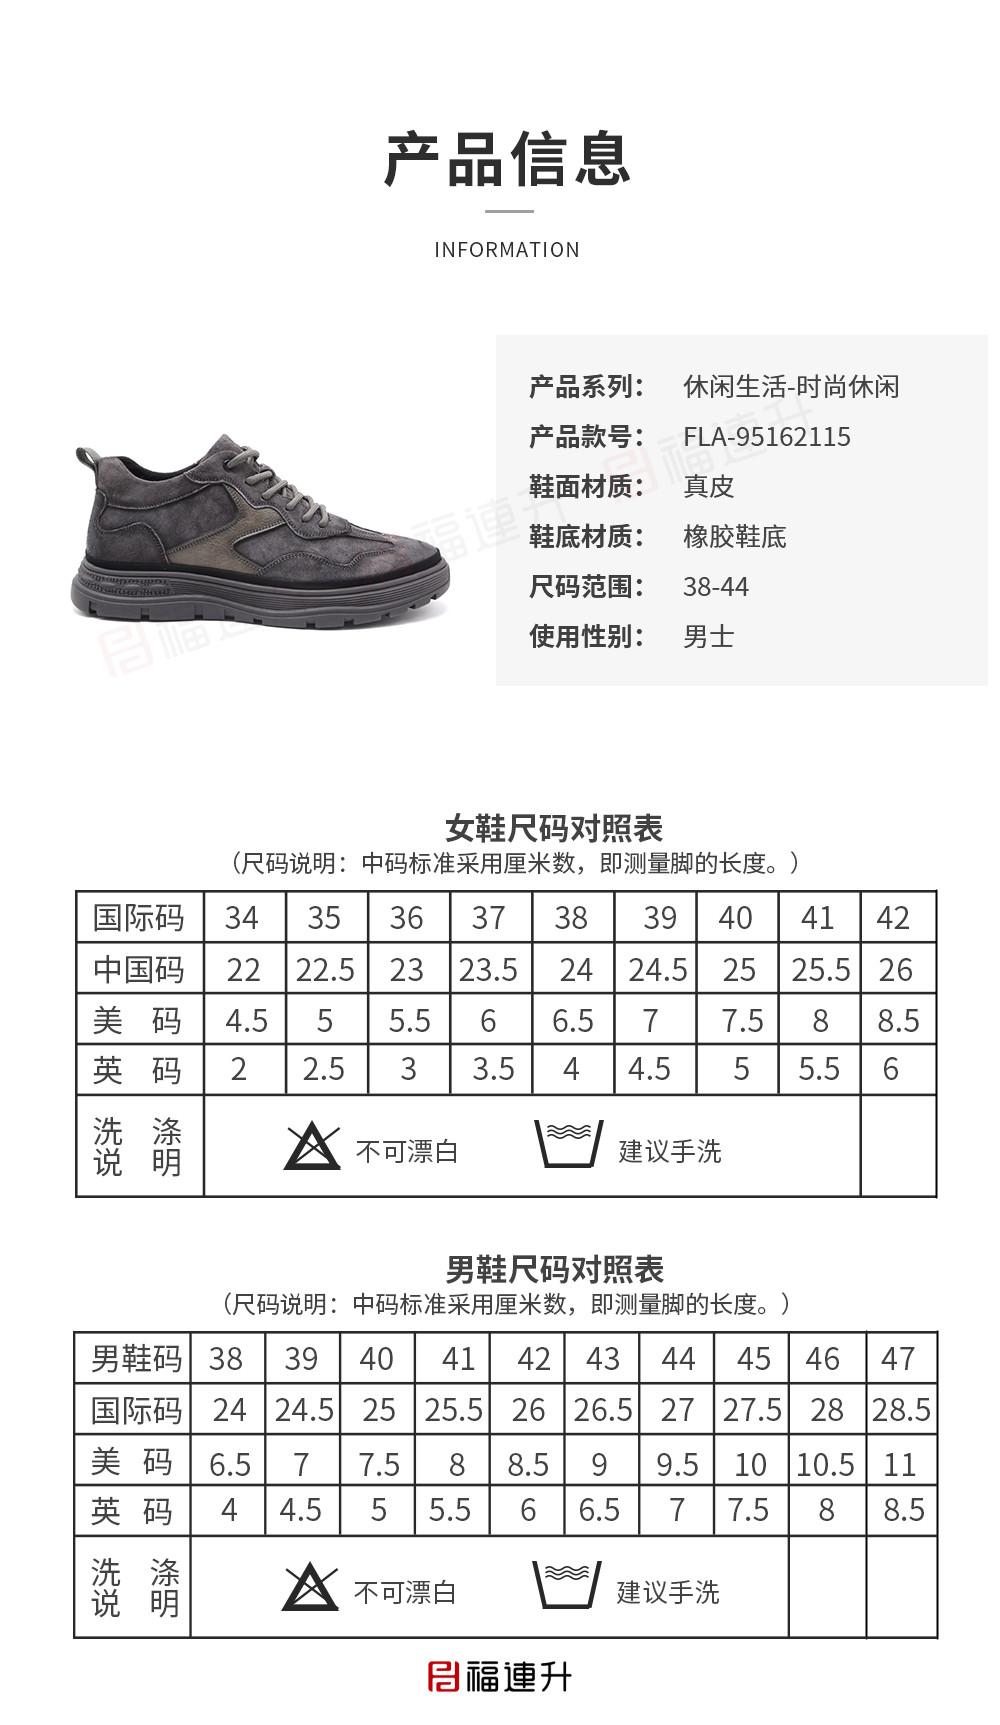 福连升秋季时尚休闲板鞋男鞋单鞋真皮橡胶底马丁靴图片